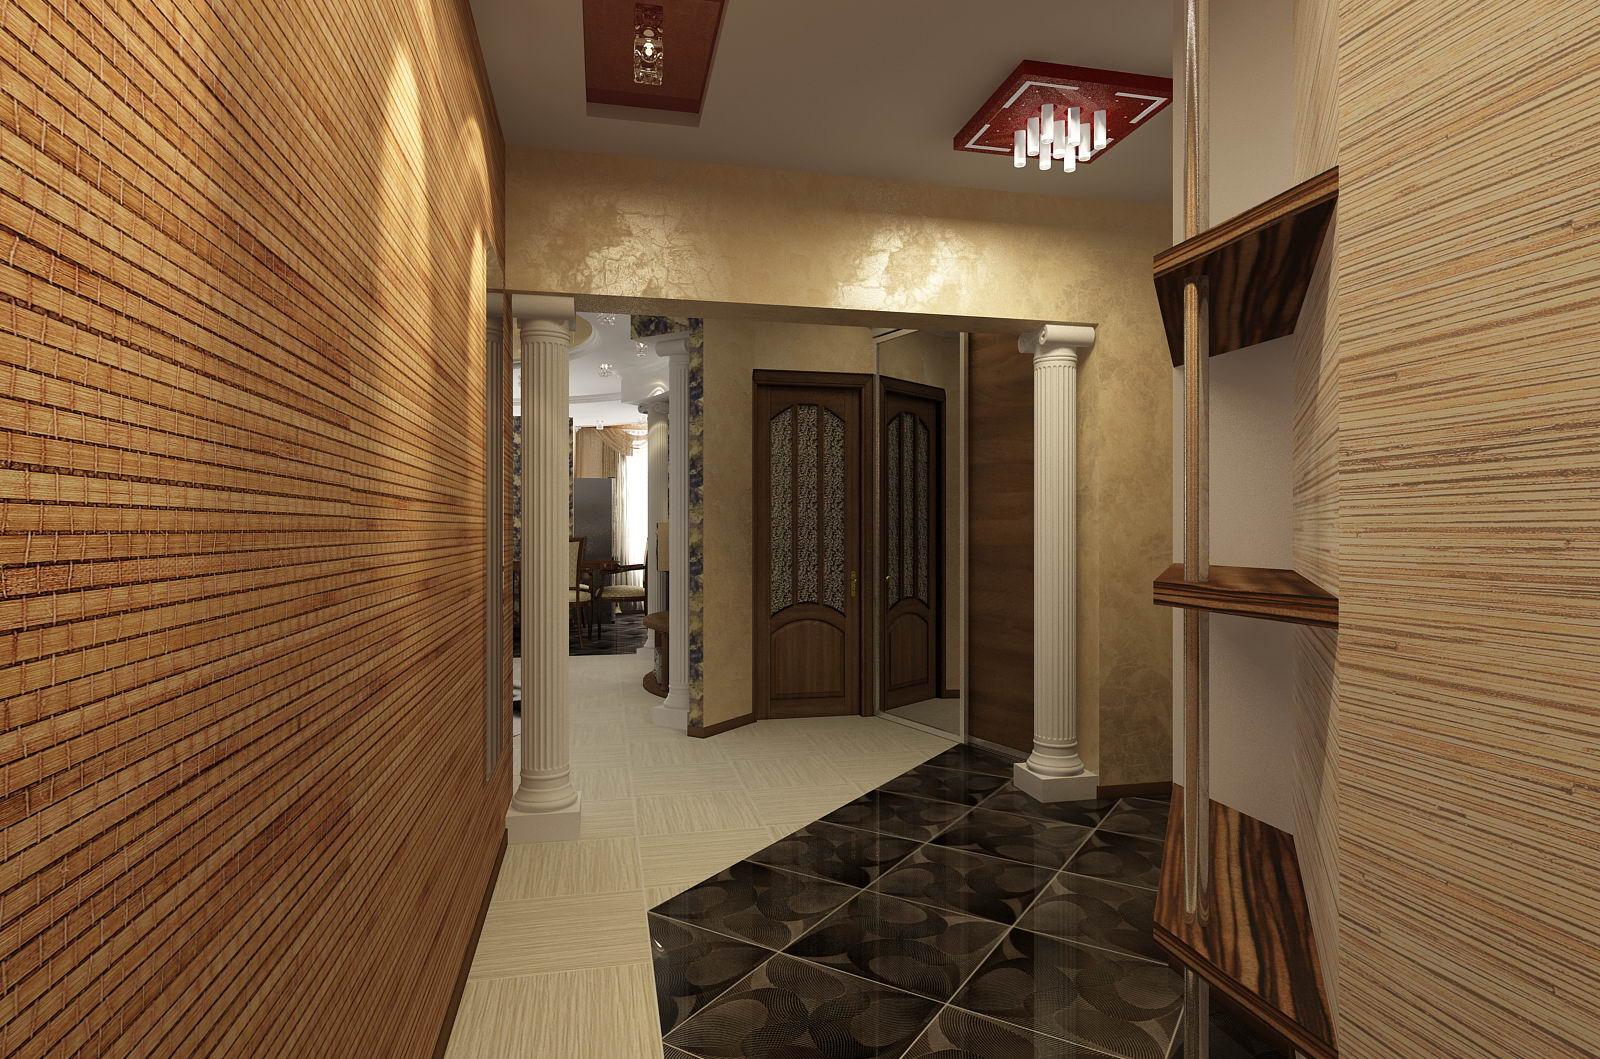 фото деревянные панели в дизайне